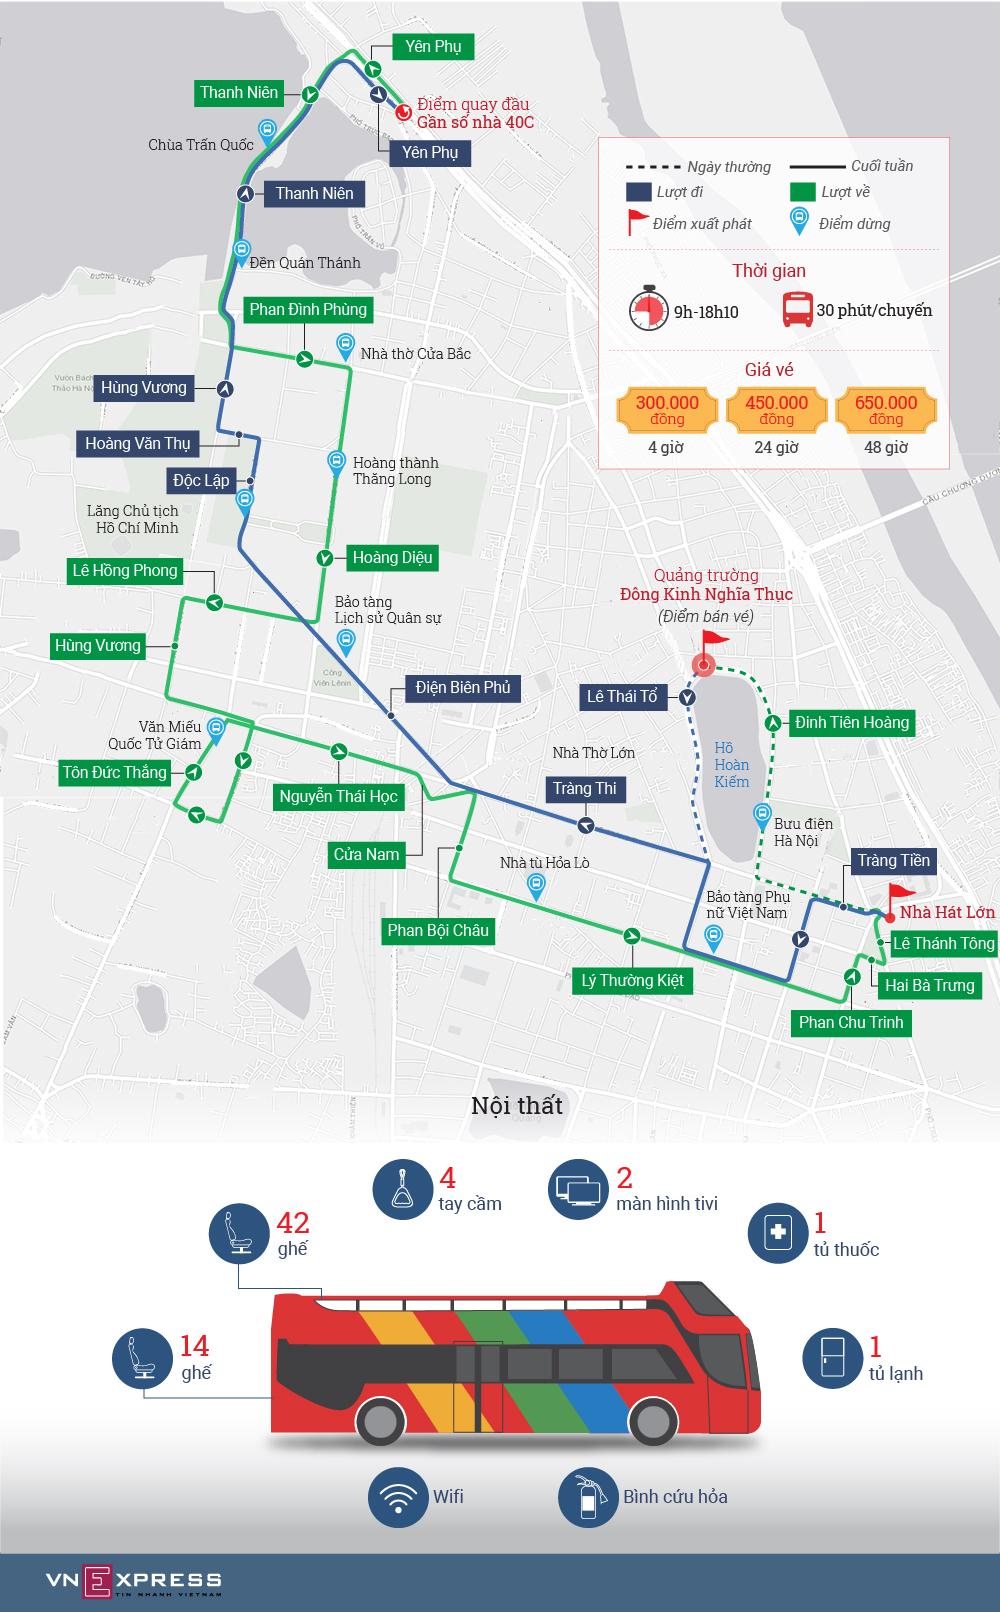 Lộ trình xe buýt hai tầng ở Hà Nội chạy từ hôm nay